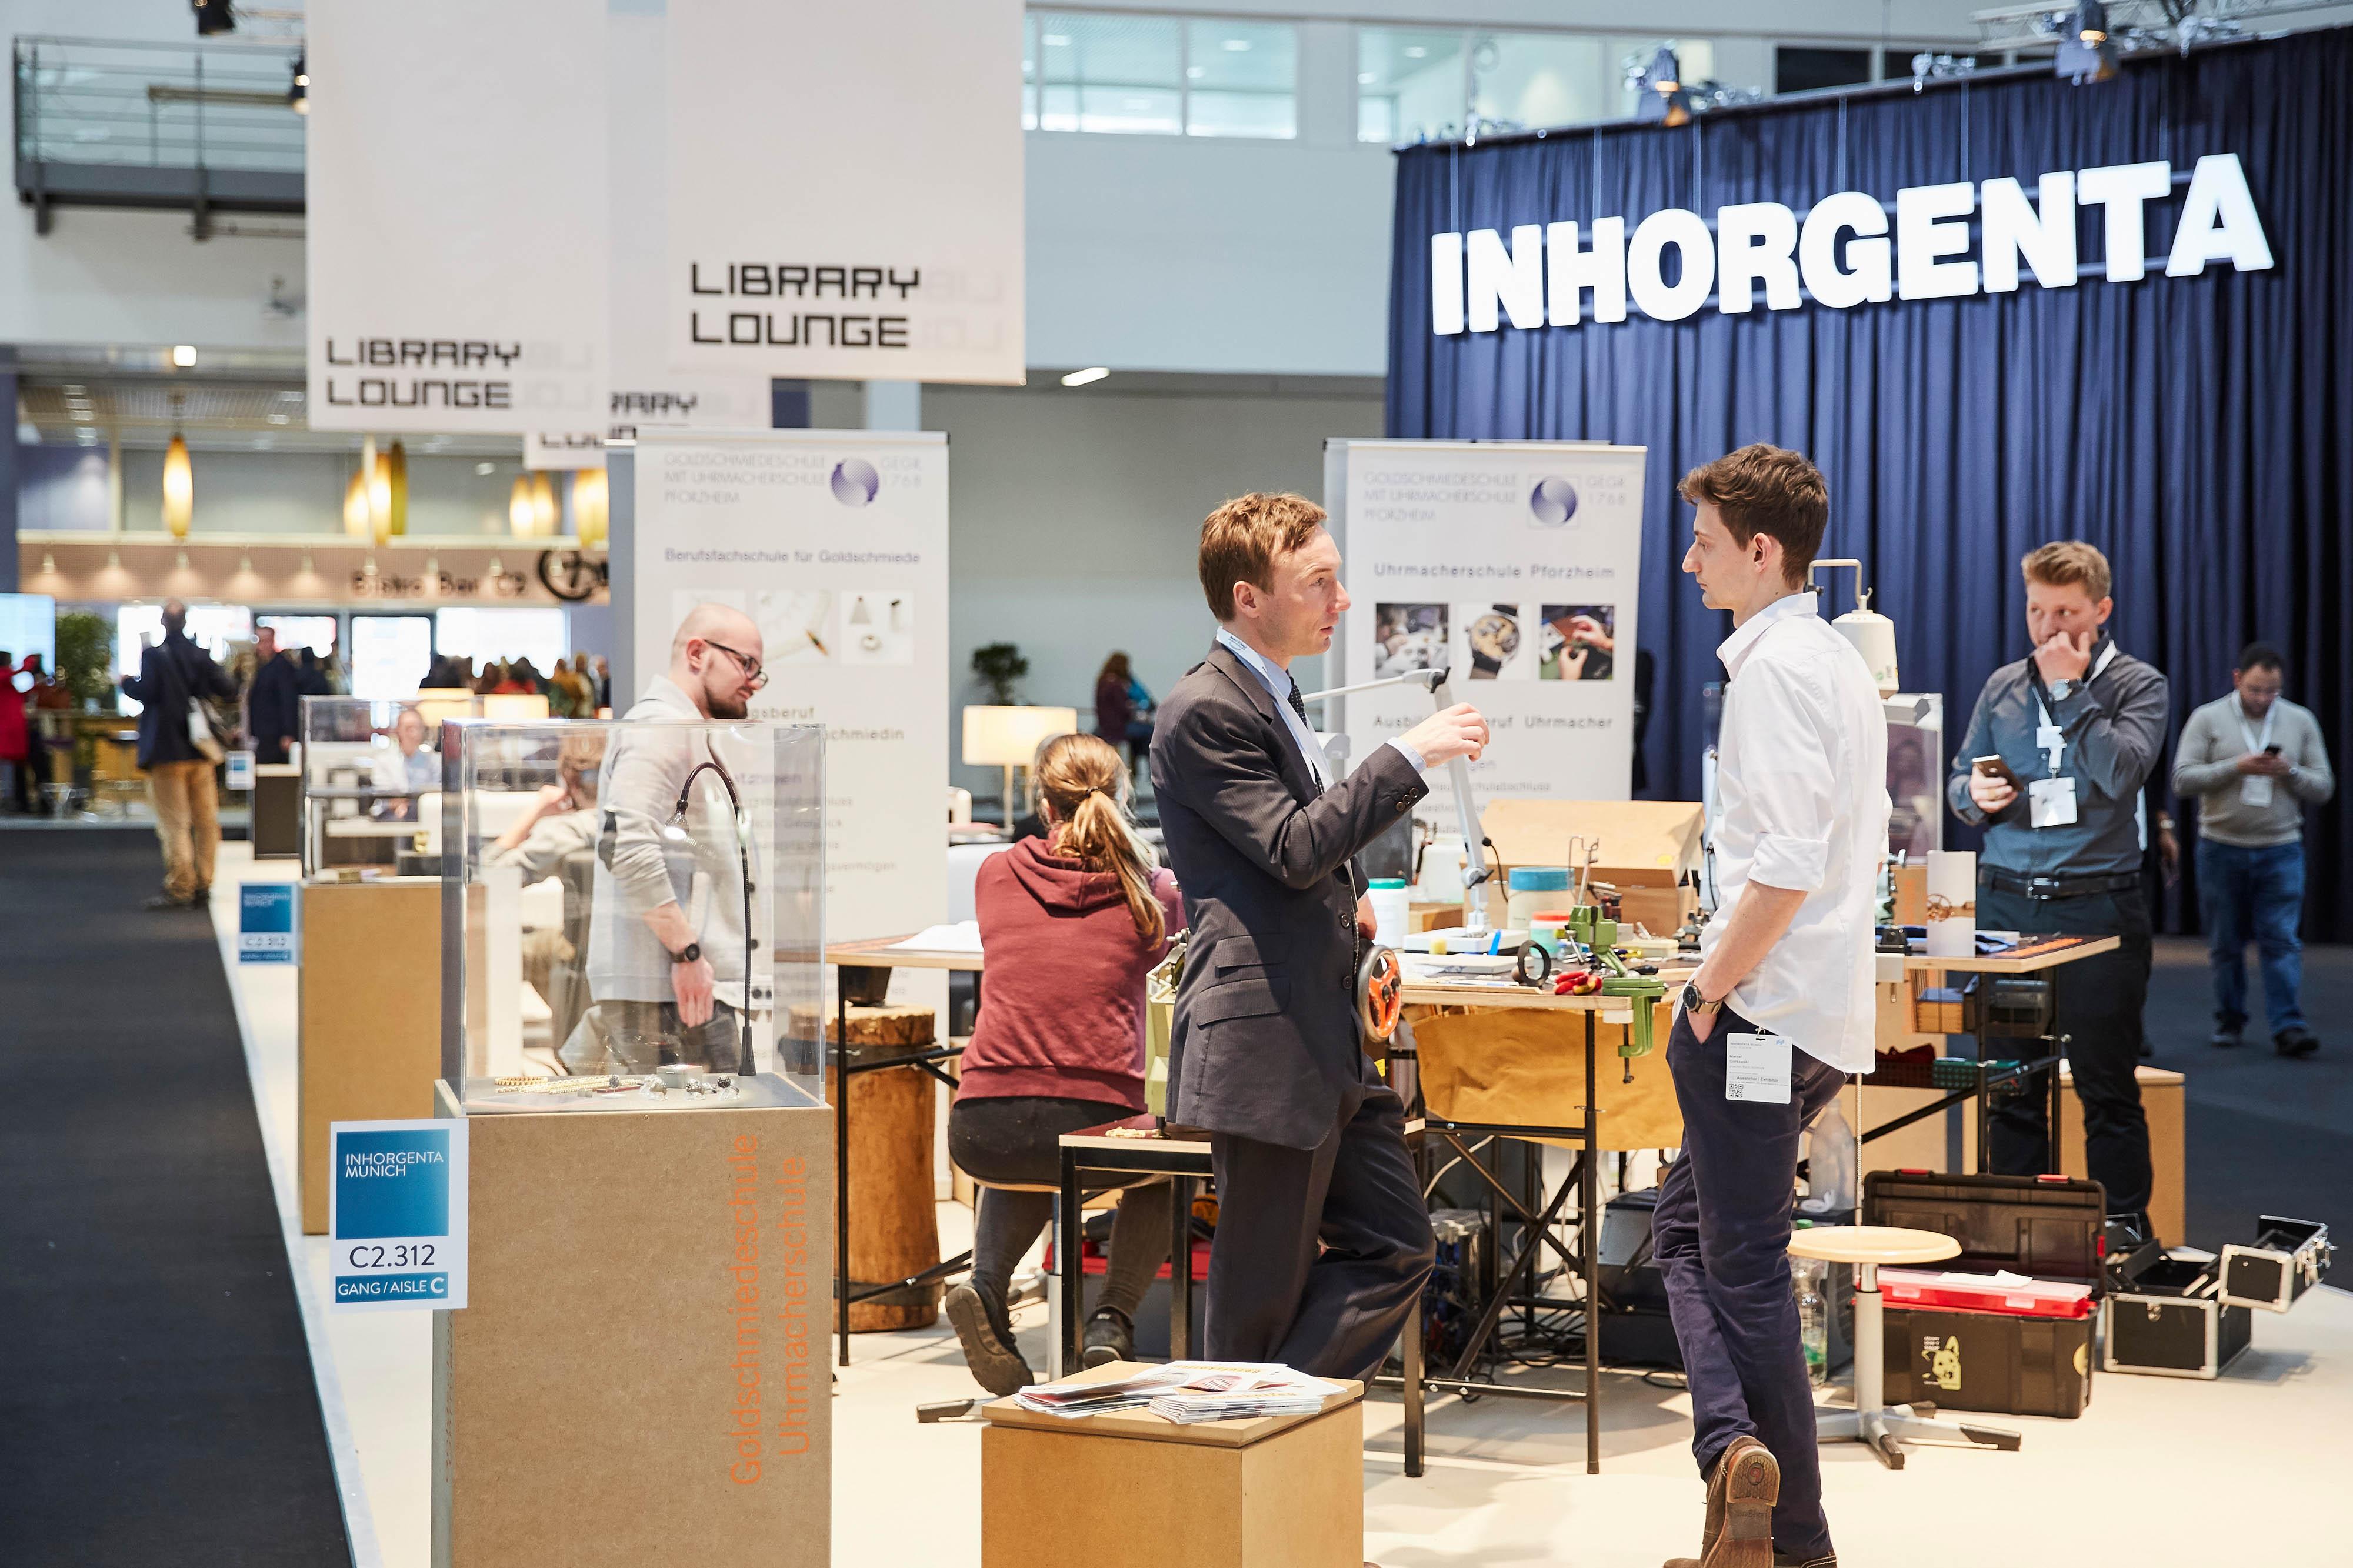 Inhorgenta Munich 2019 (c) Messe München